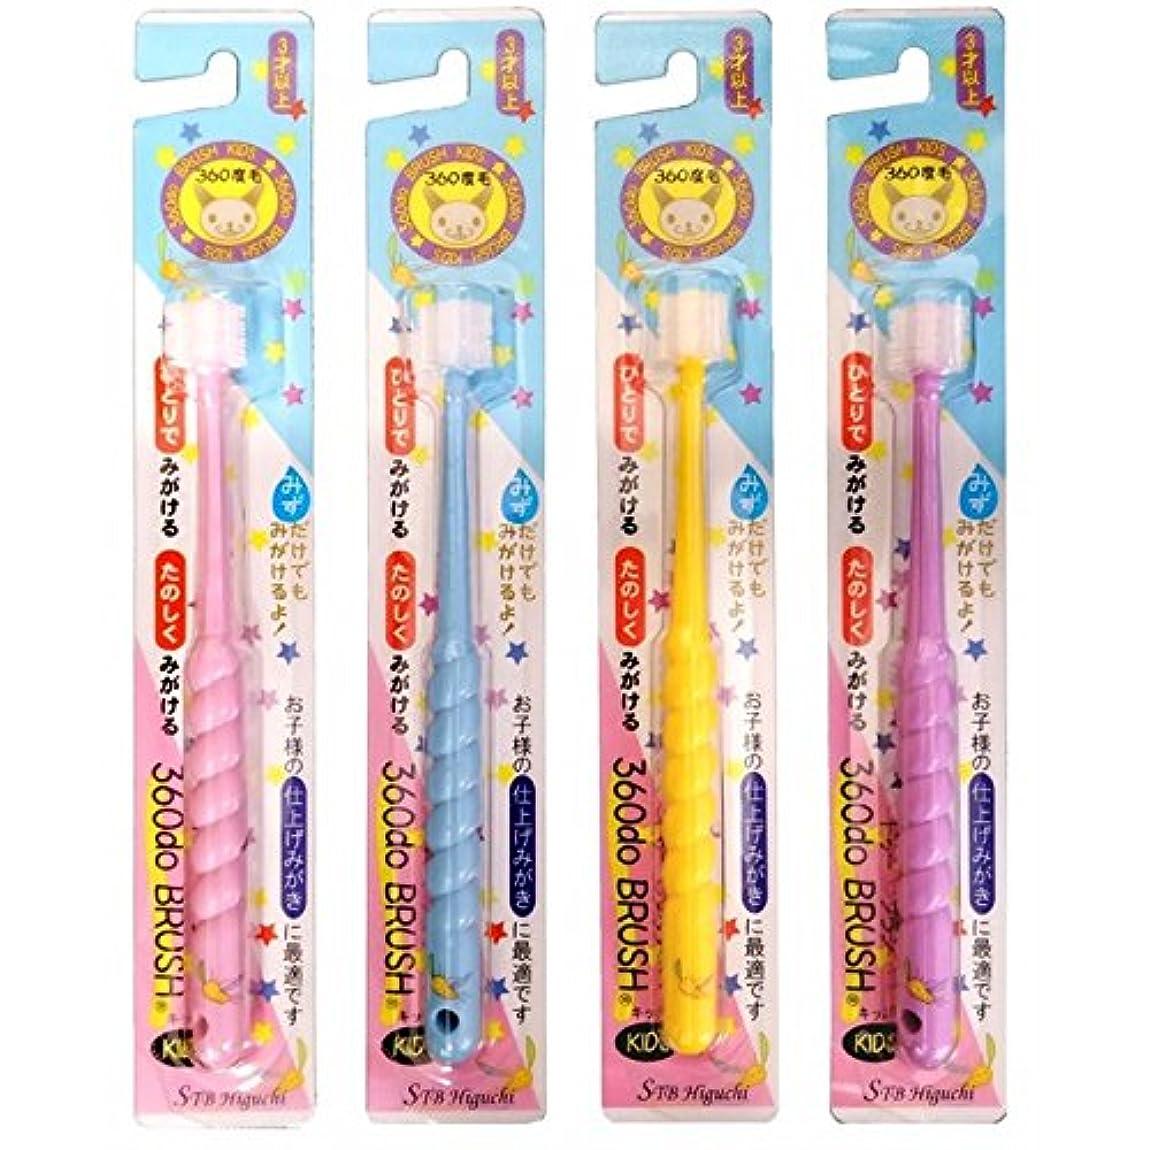 系譜ピラミッドニュース360度歯ブラシ 360do BRUSH キッズ(カラーはおまかせ) 10本セット